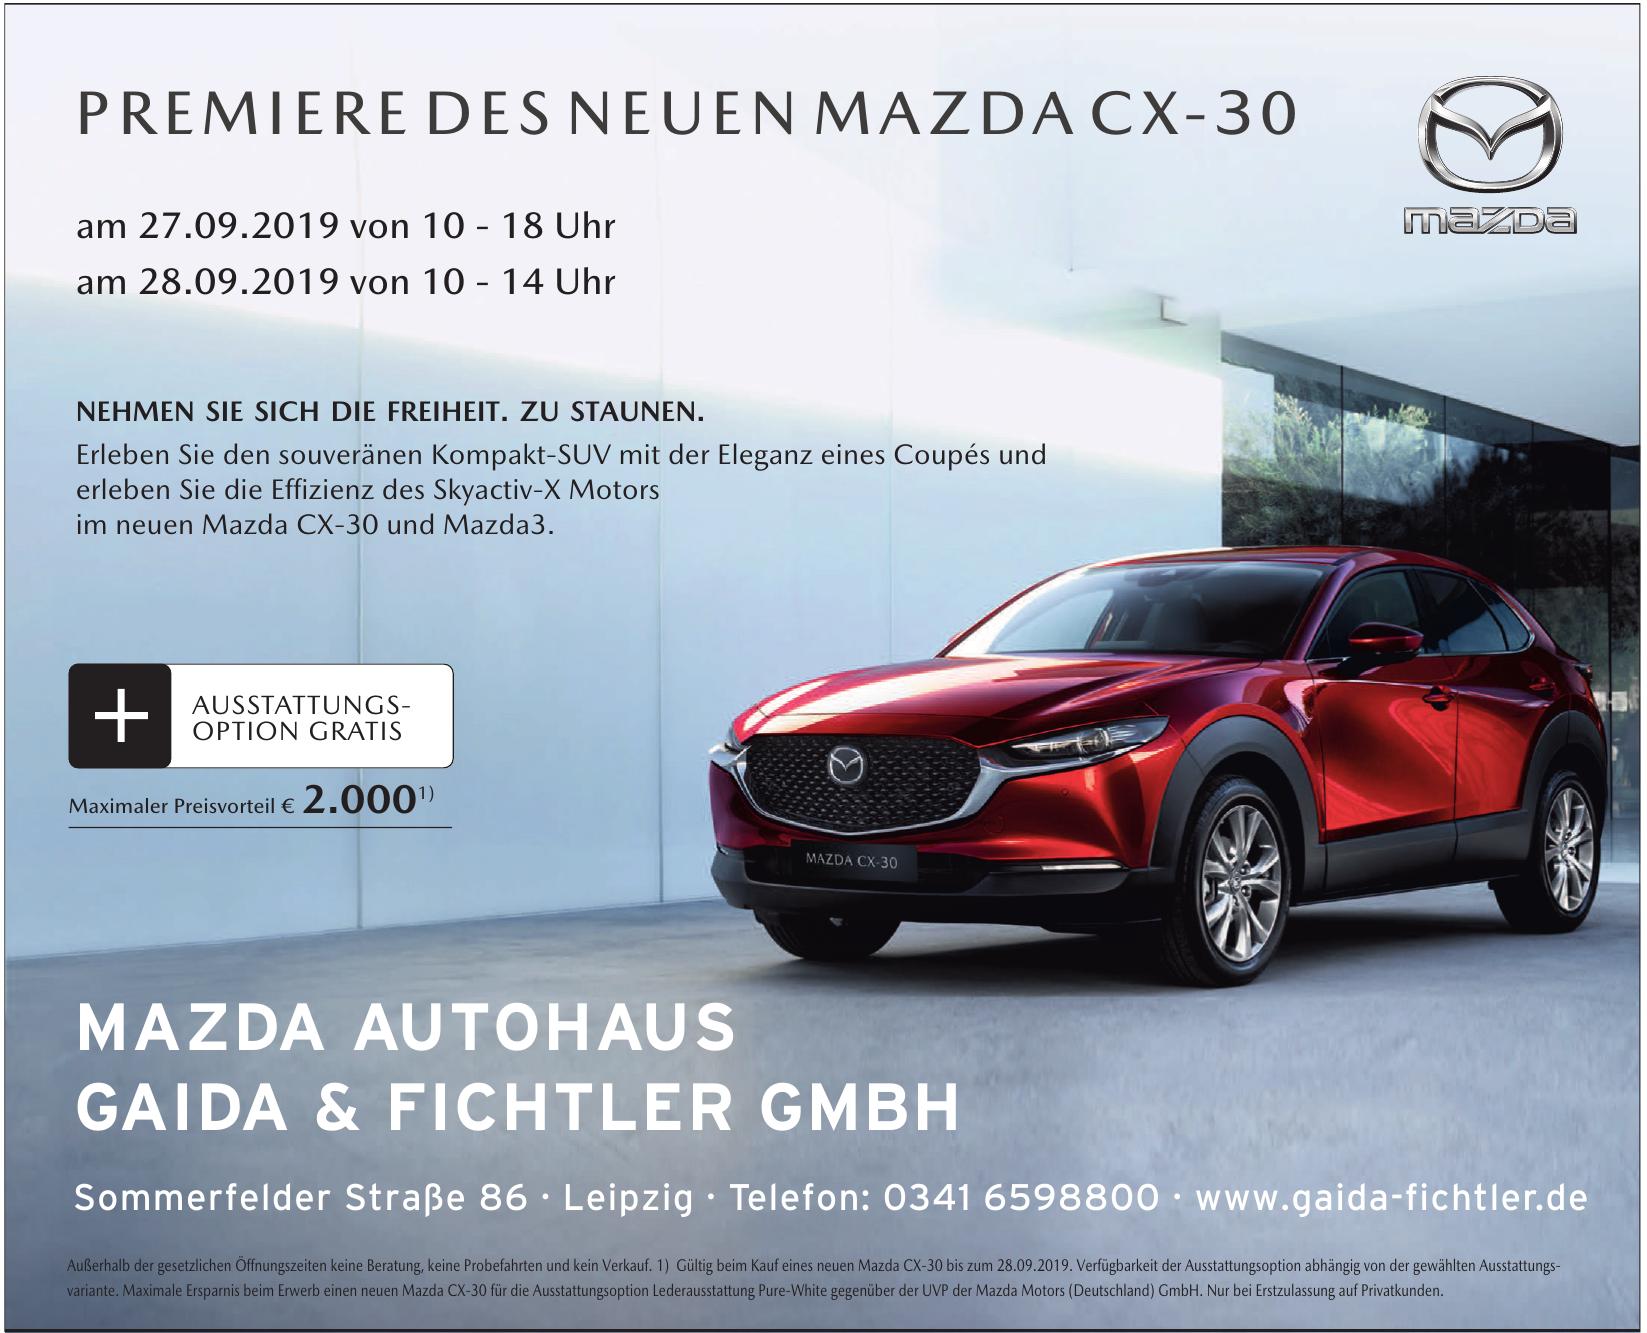 Mazda Autohaus Gaida & Fichtler GmbH